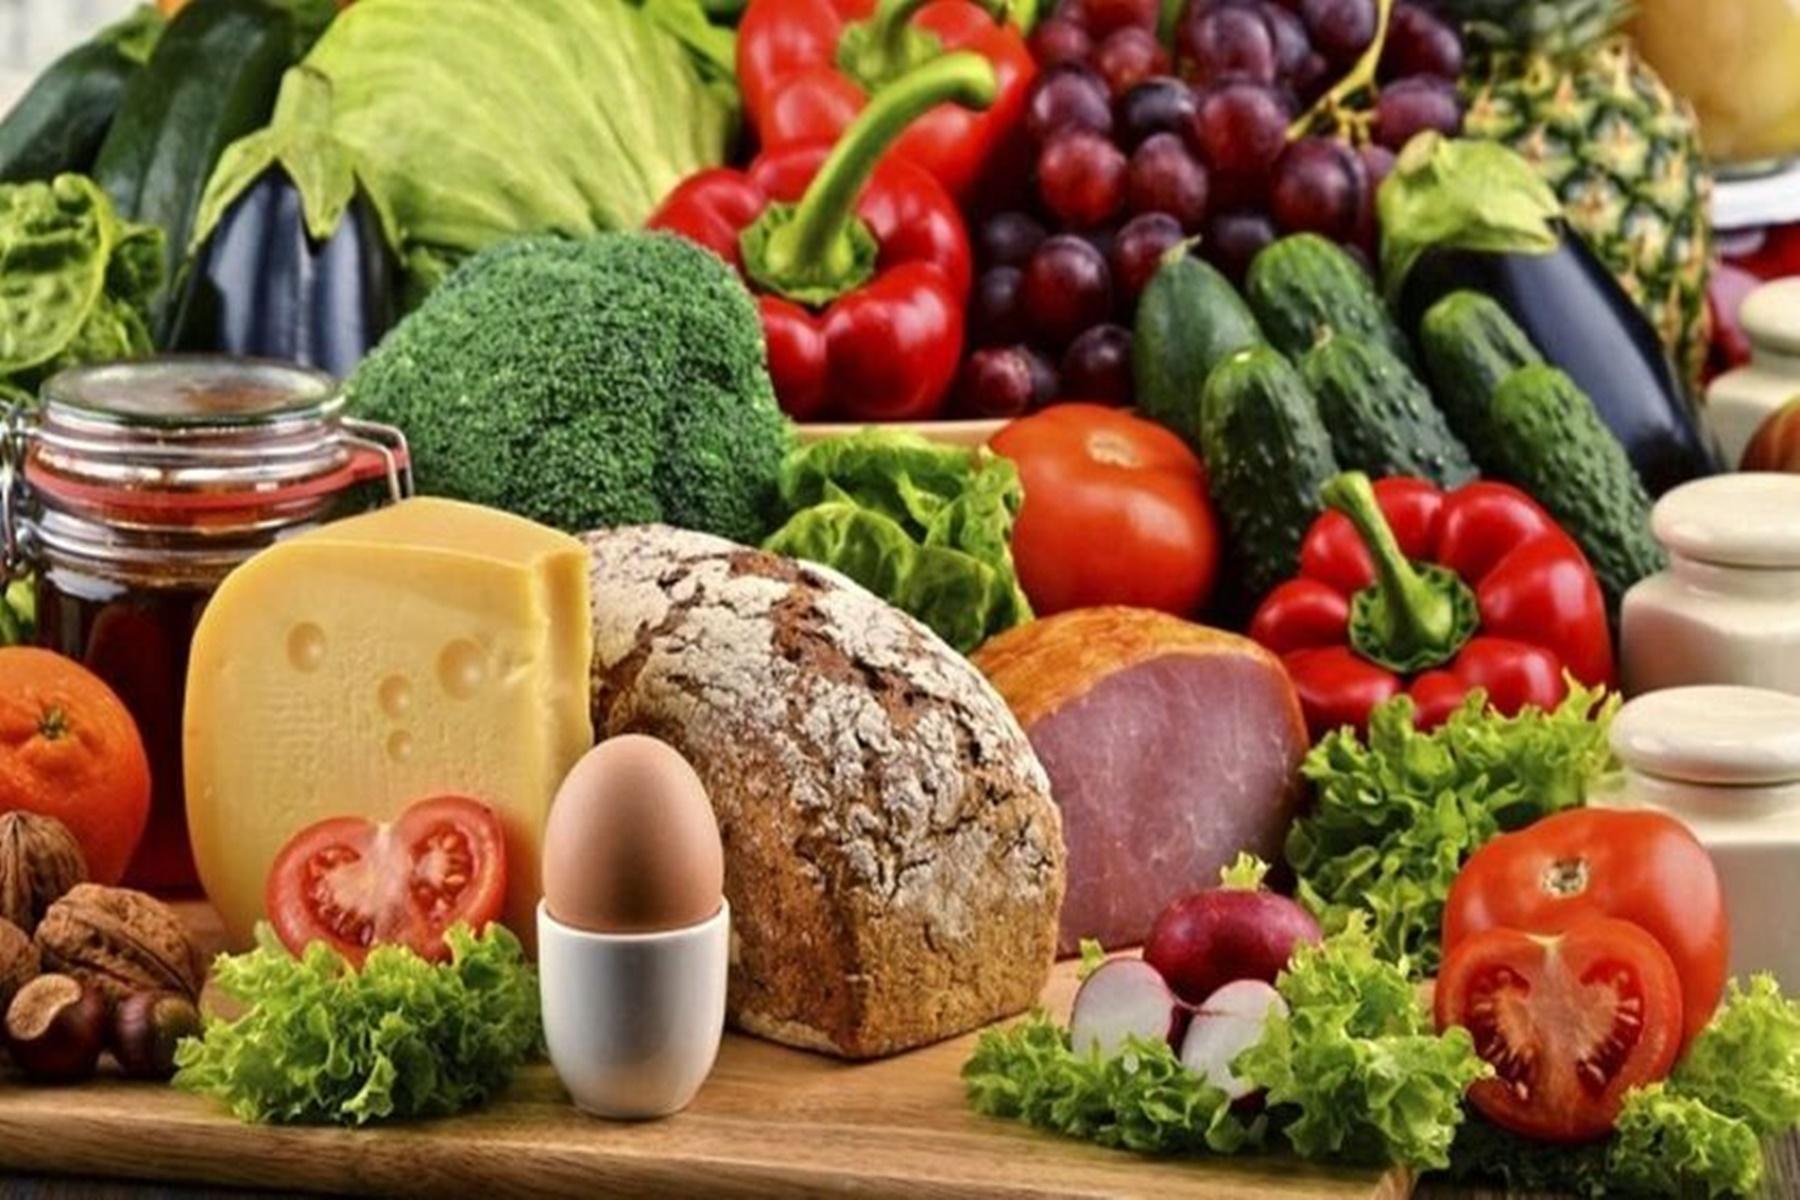 Διατροφή : Τα καλύτερα τρόφιμα για να τρώτε όταν είστε άρρωστοι